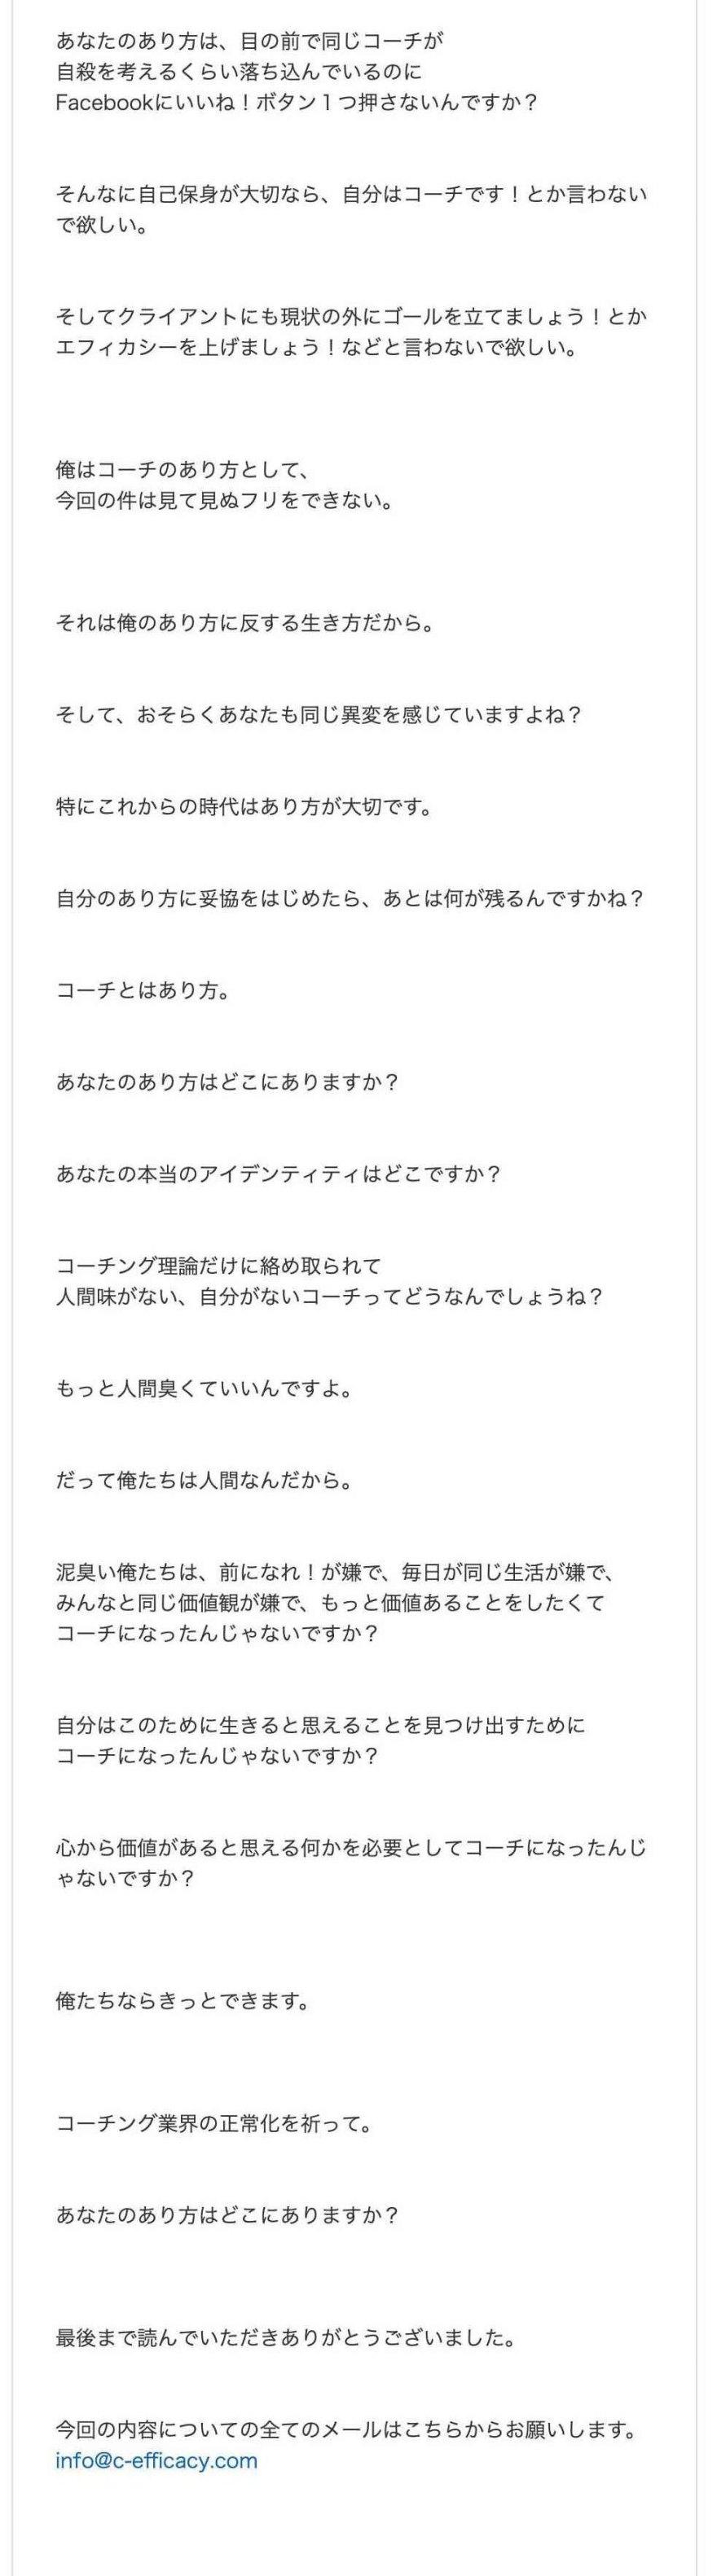 ありがとうブログ4